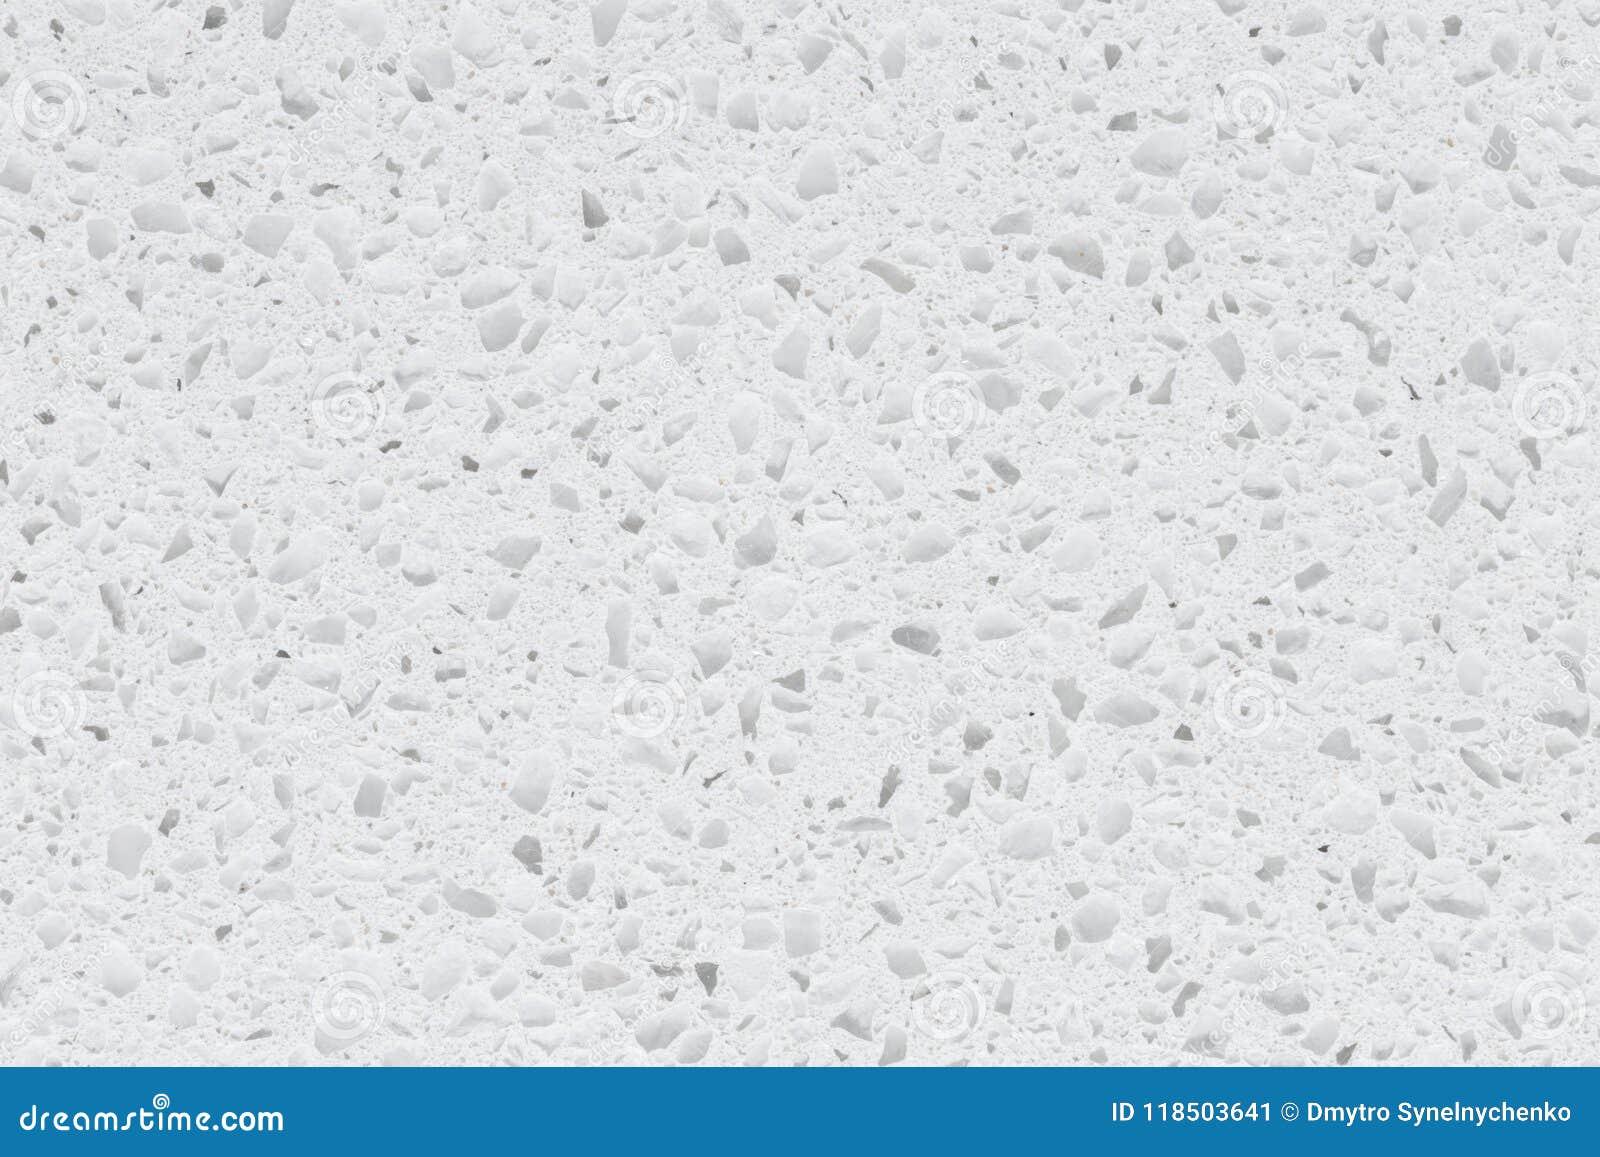 De verse sneeuw synthetische steen van de wthitetextuur